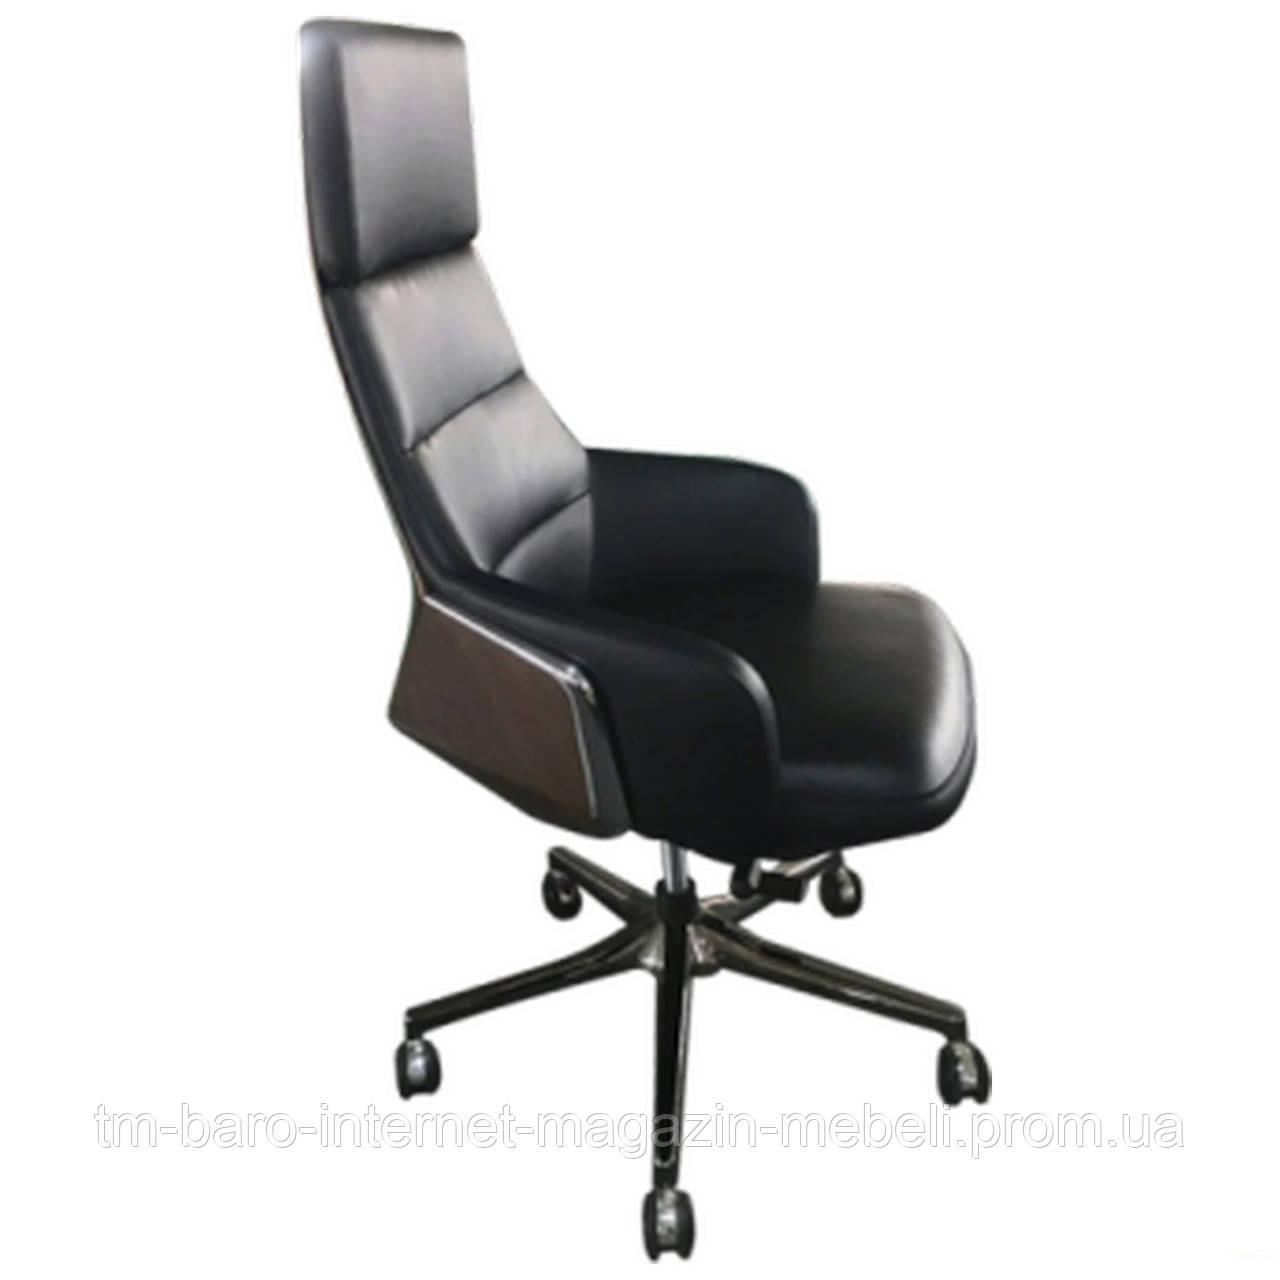 Кресло Dominant HB Black (Доминант), черный